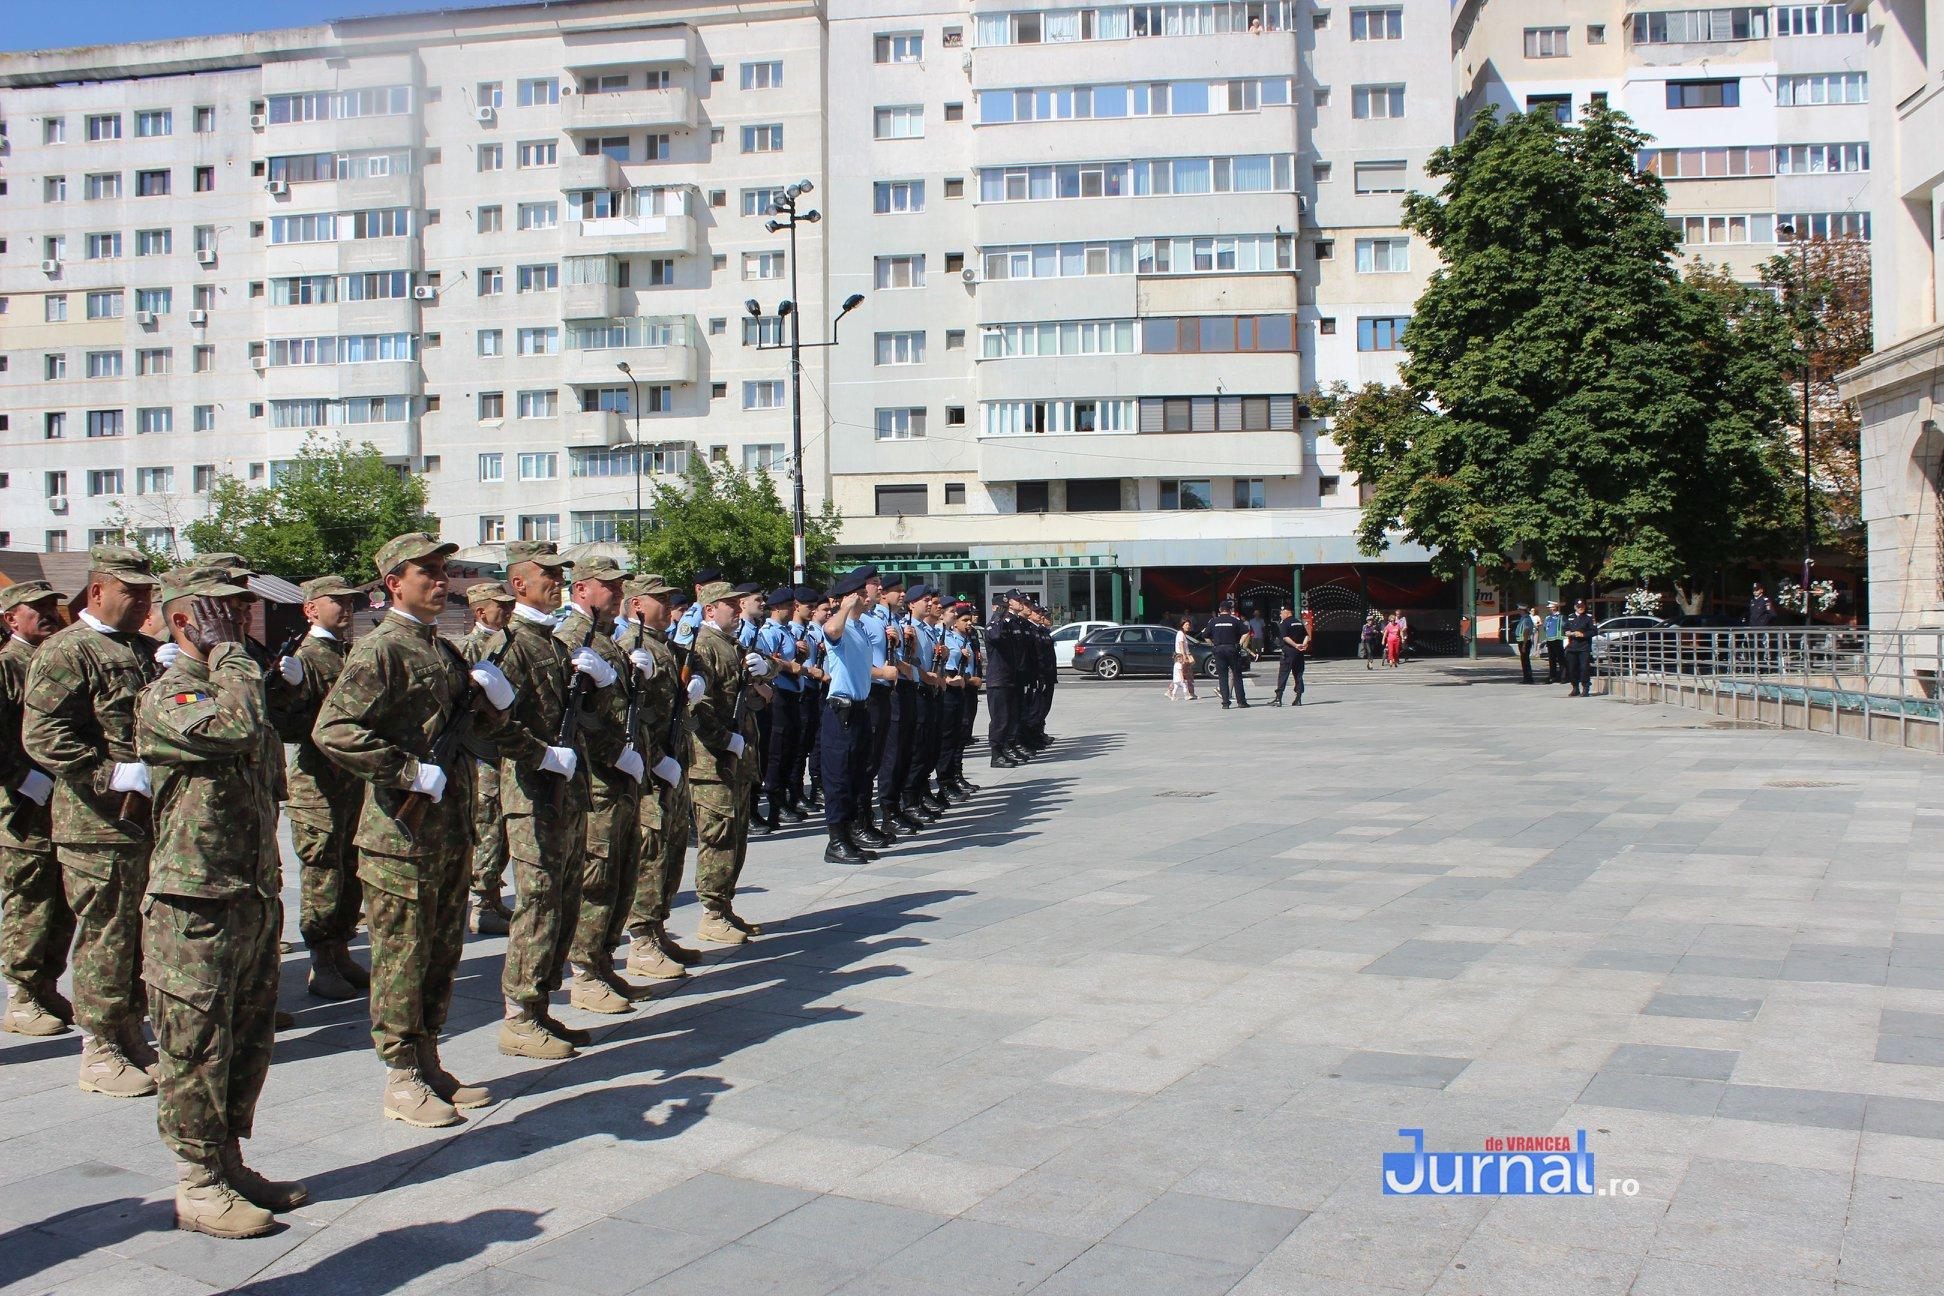 drapel 5 - GALERIE FOTO: Ceremonie la Focșani de Ziua Drapelului